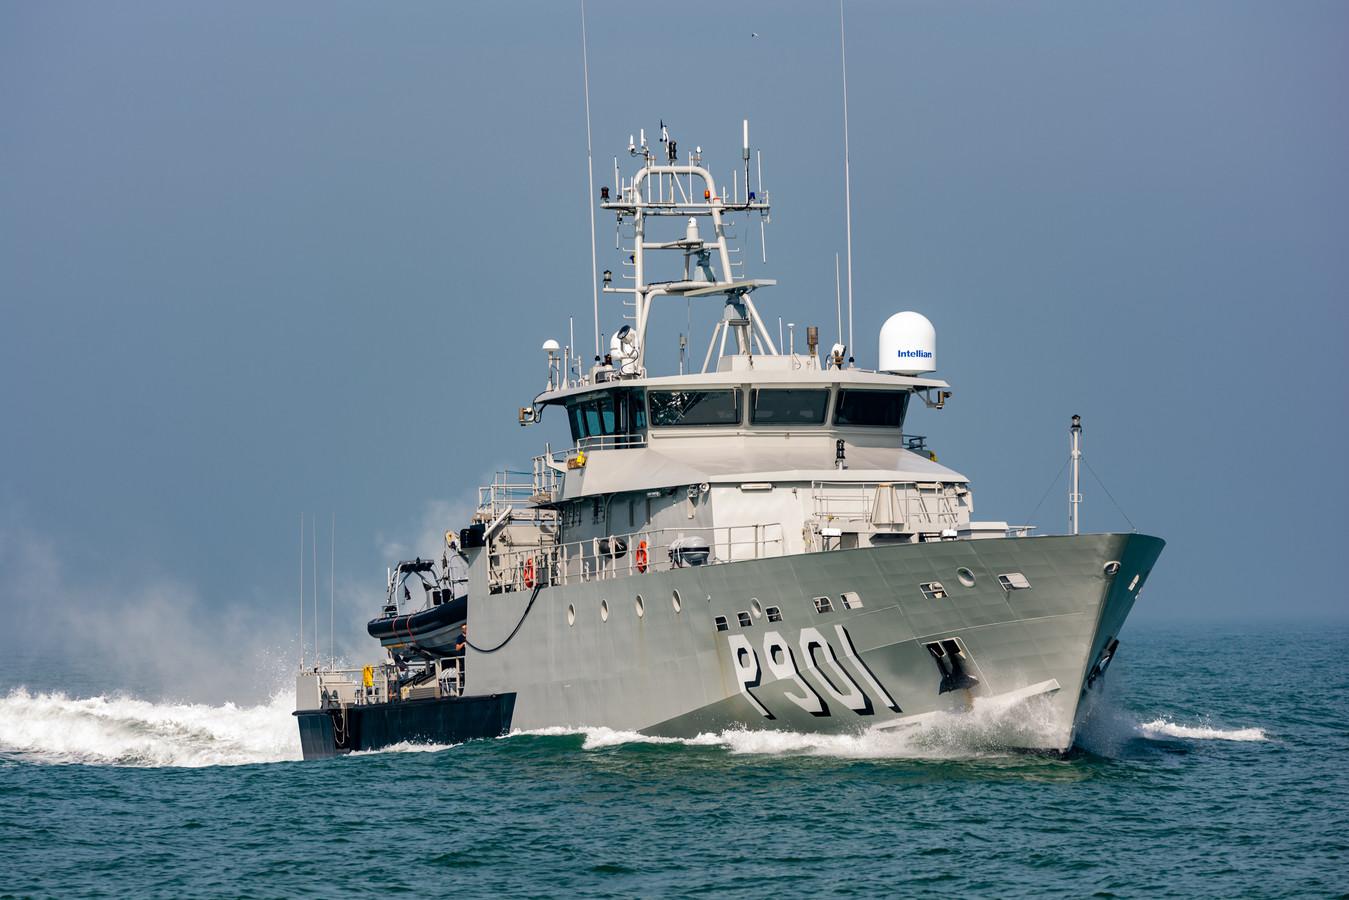 De P901 Castor van de Belgische marine plukte het trio op het rubberbootje uit zee, zo'n 25 kilometer voor de kust van Oostende.